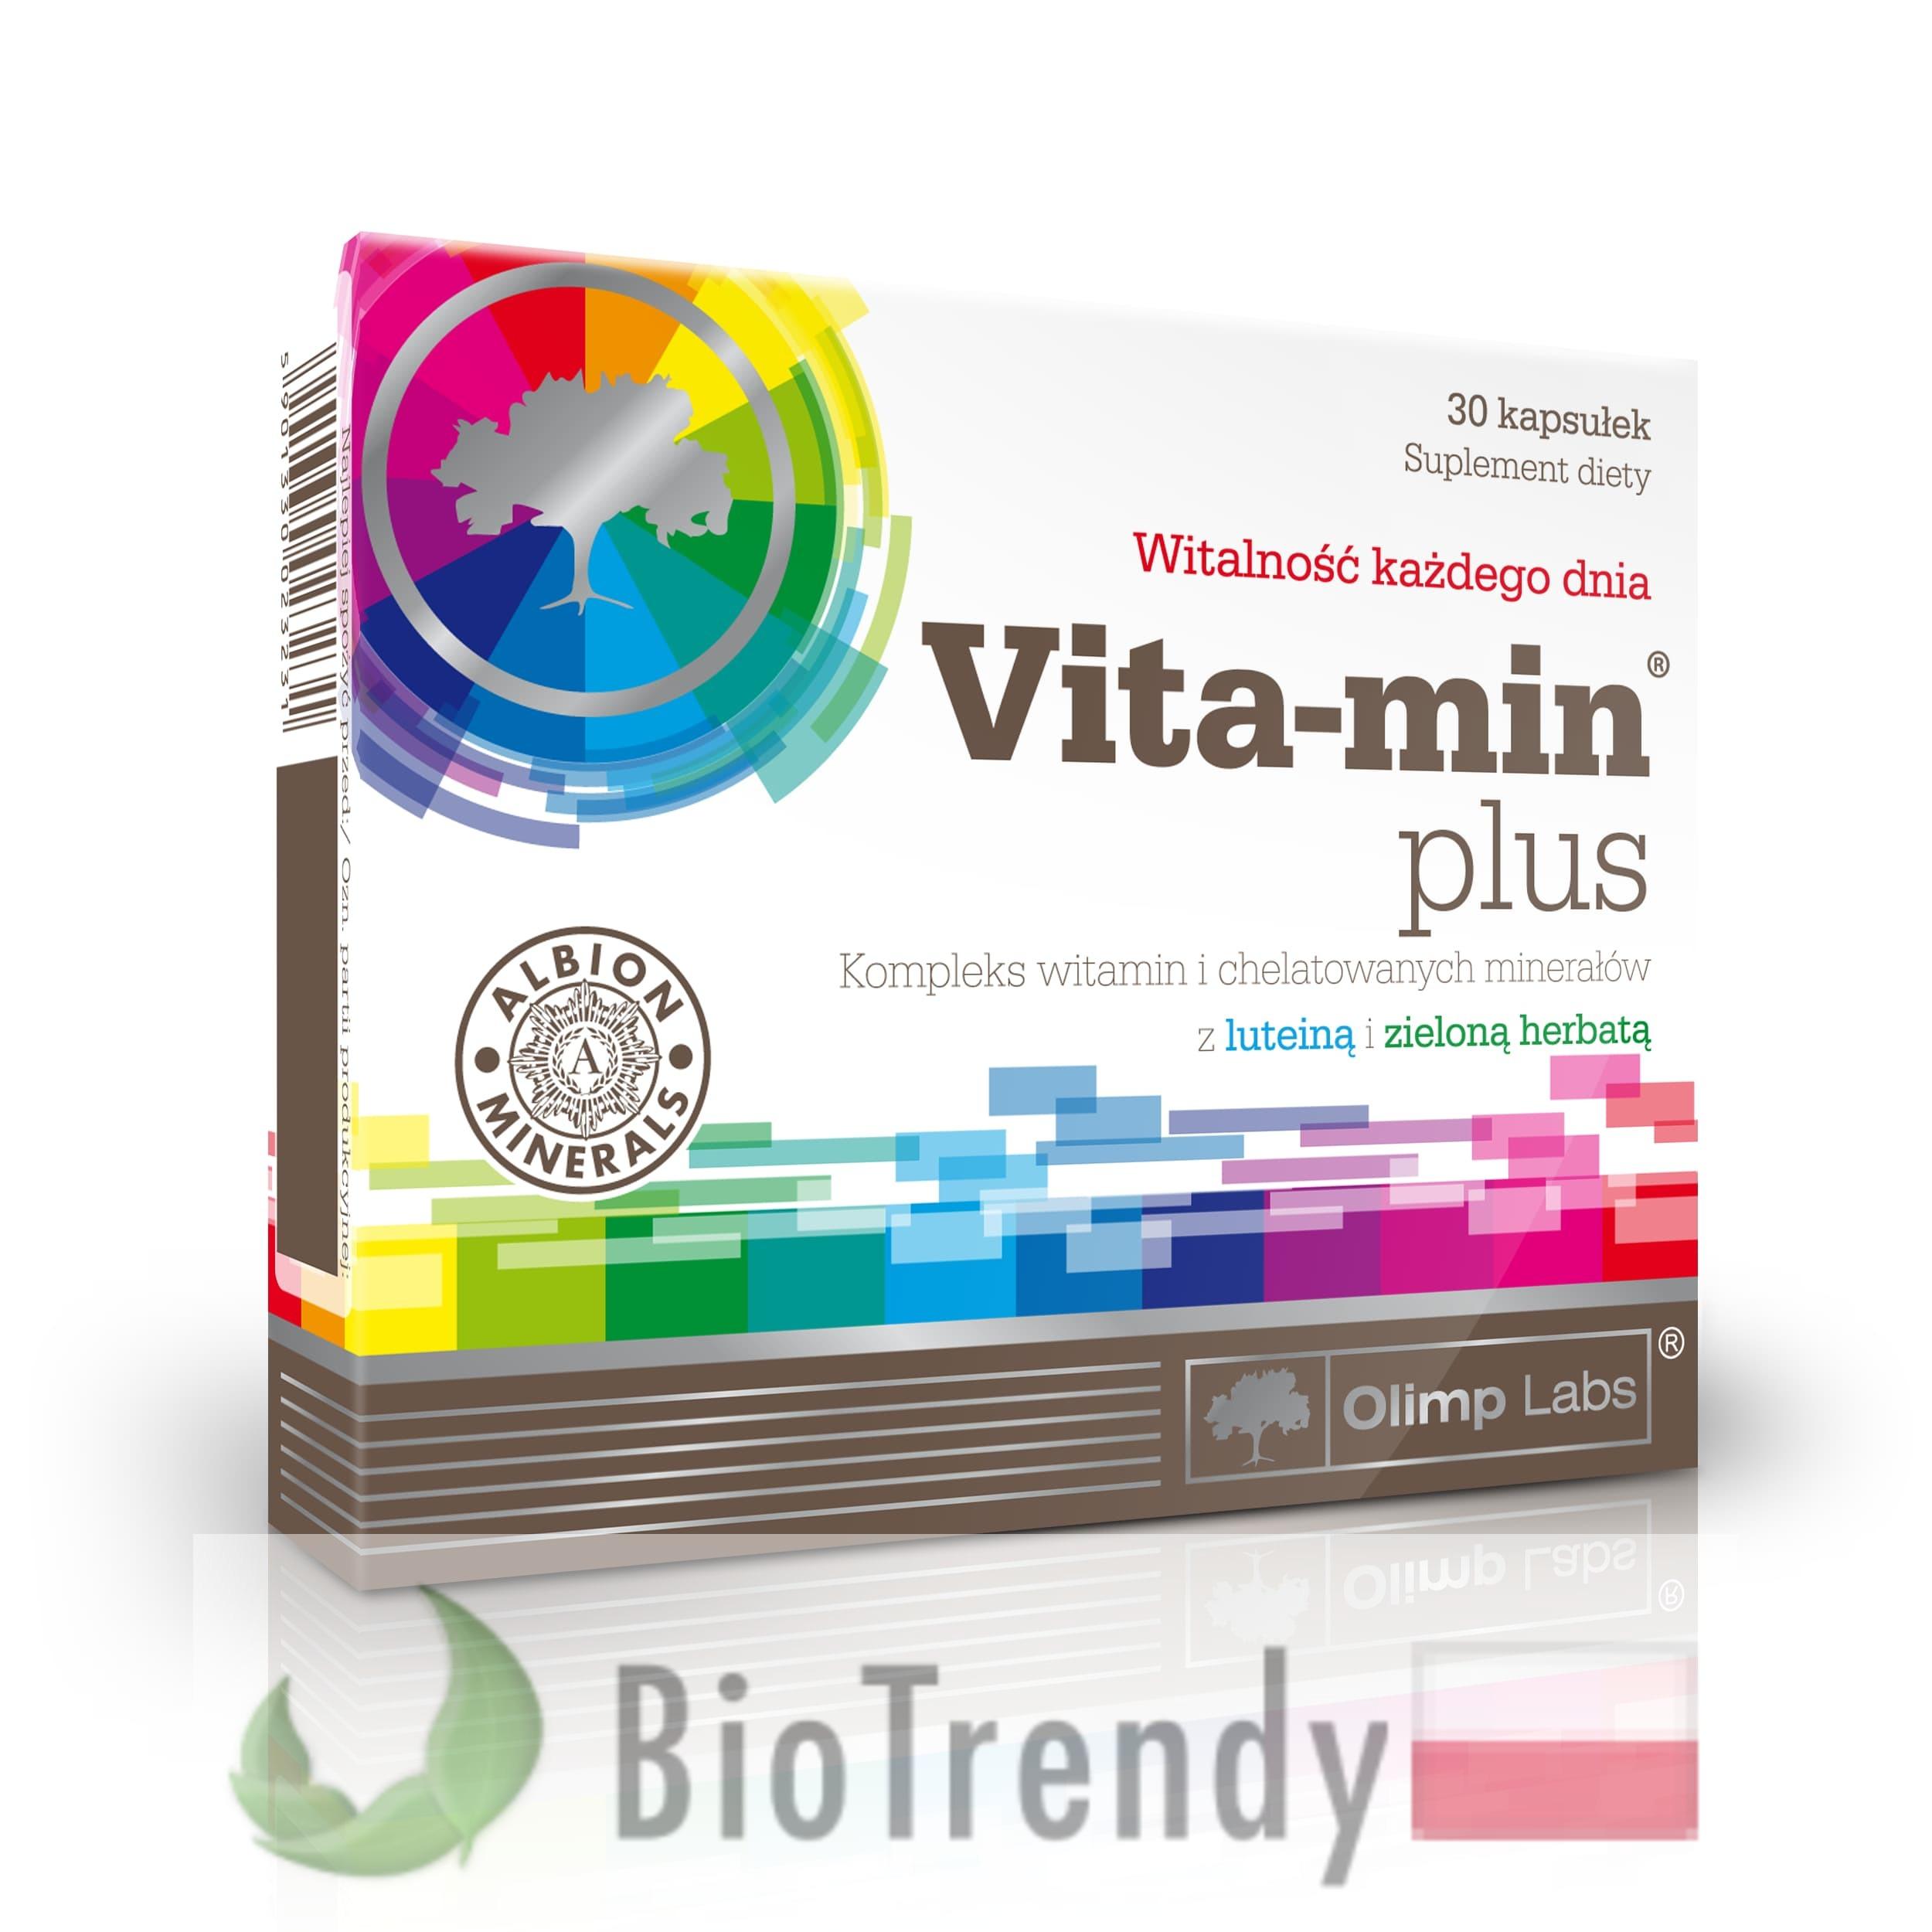 Witaminy i minerały - Sole mineralne - makroelementy - mikroelementy - minerały - witaminy - niedobór witamin